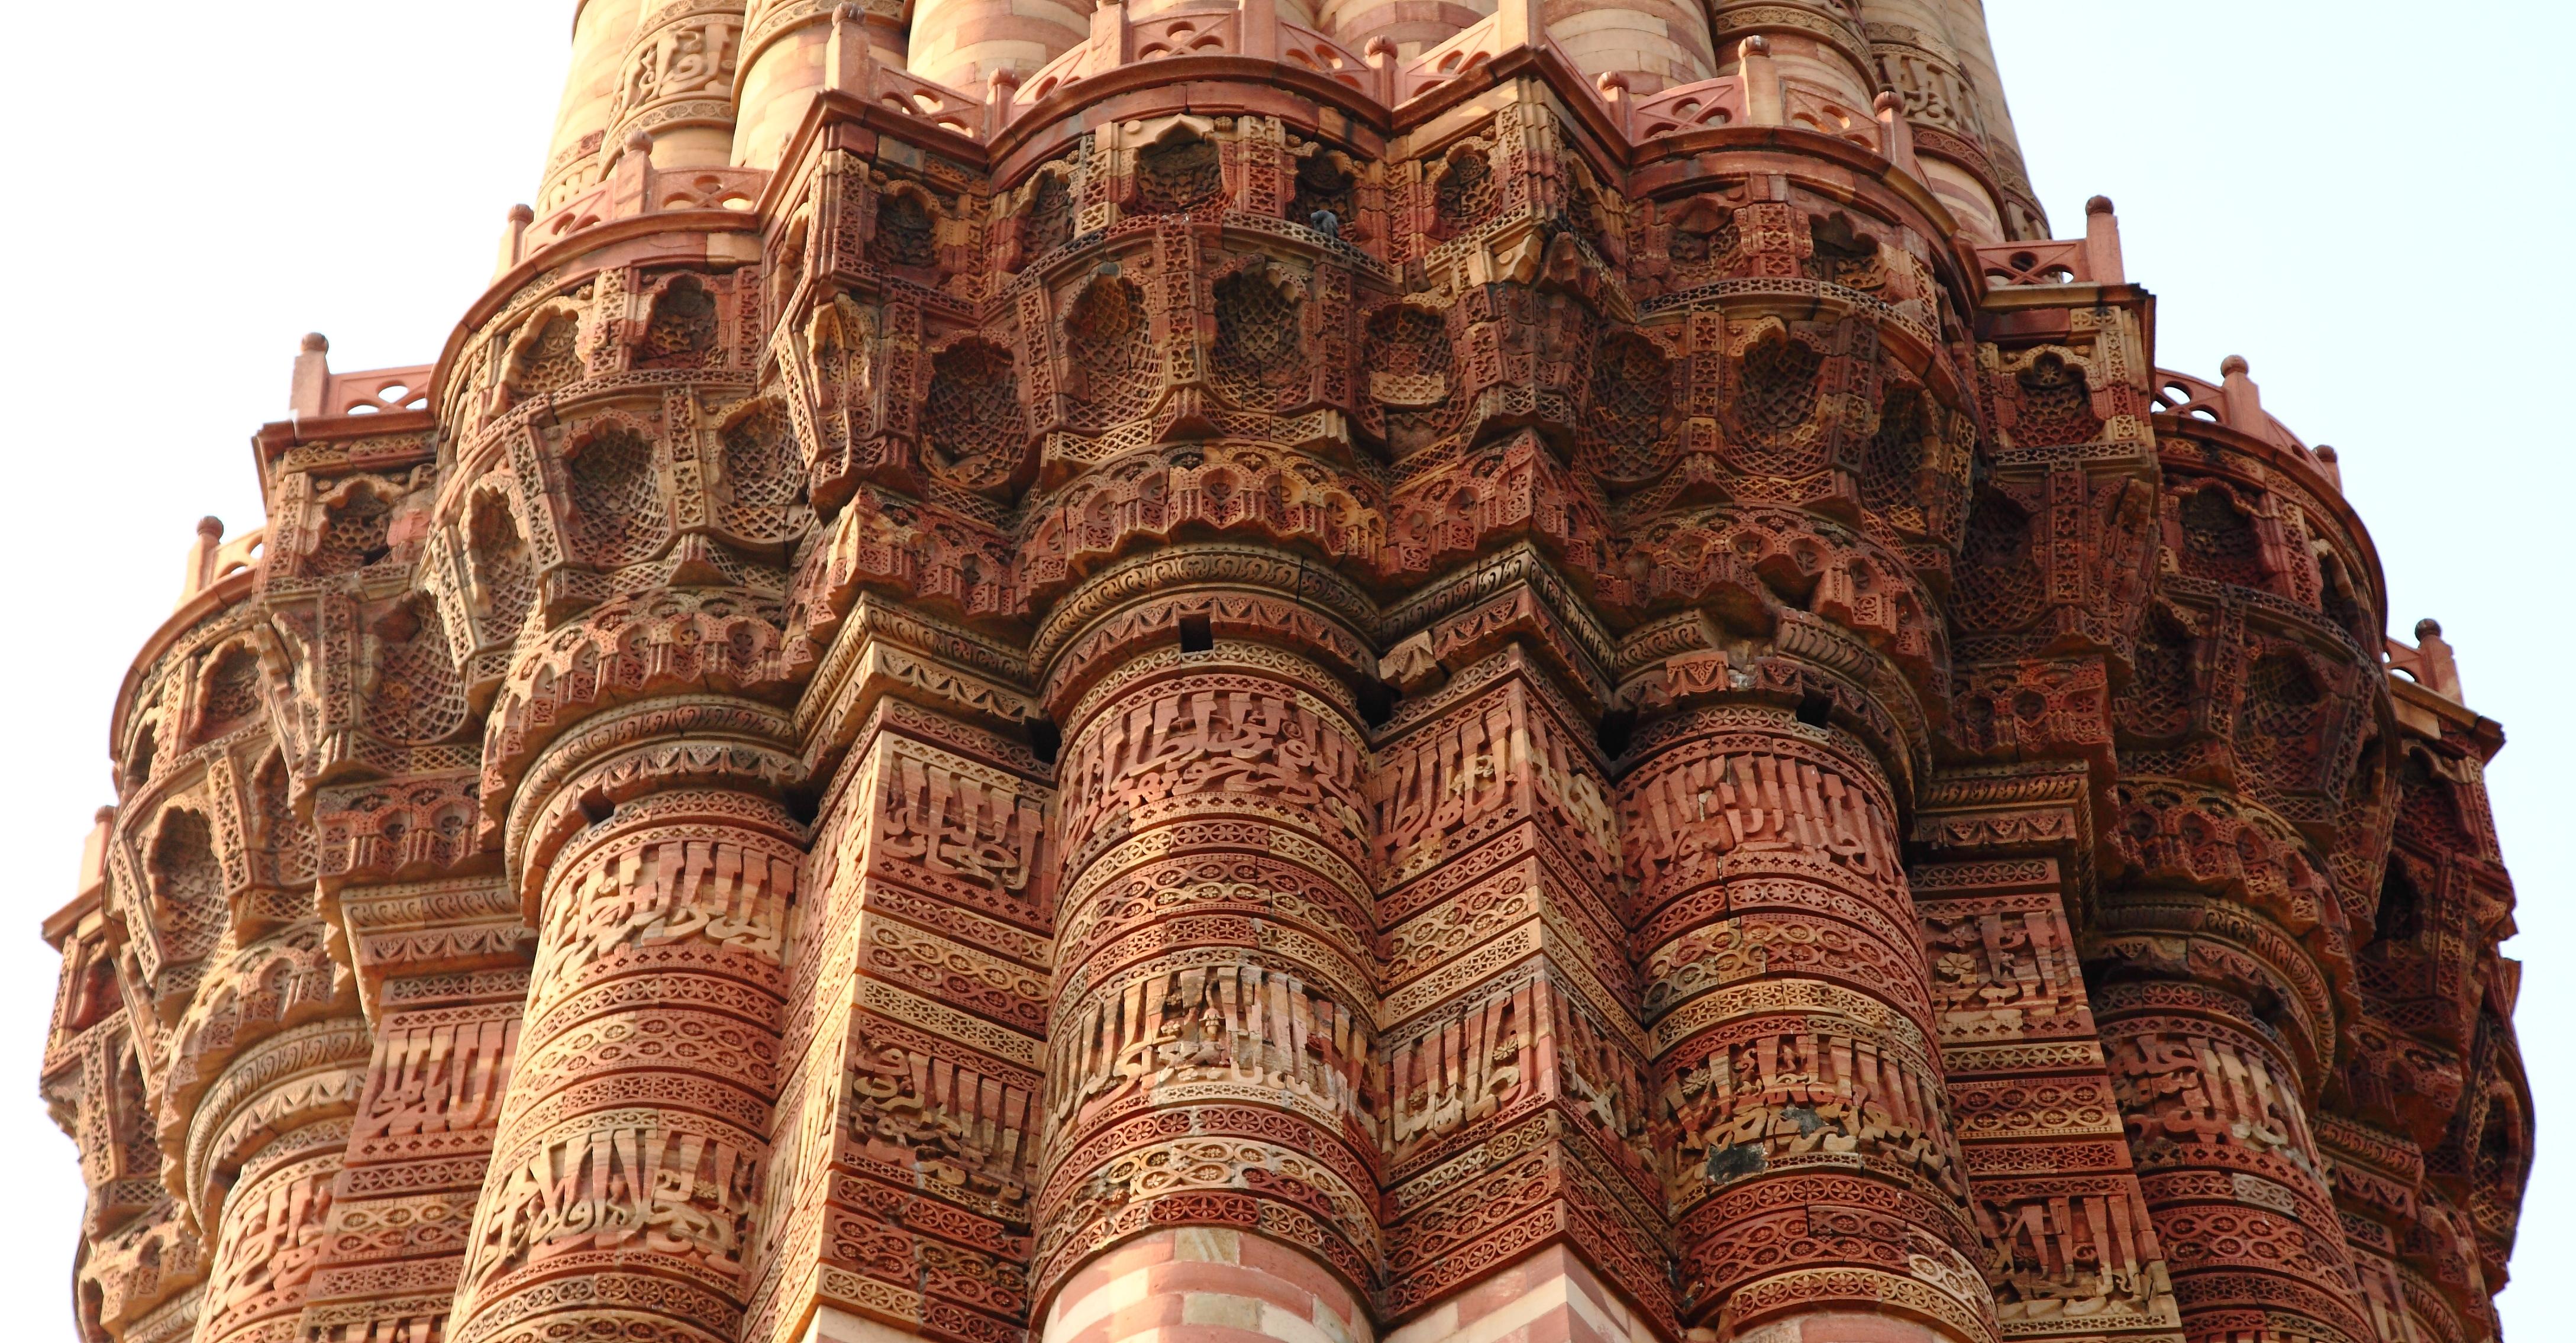 Qutub Minar Complex, New Delhi: History, Guide & Trip Planner 2020 3